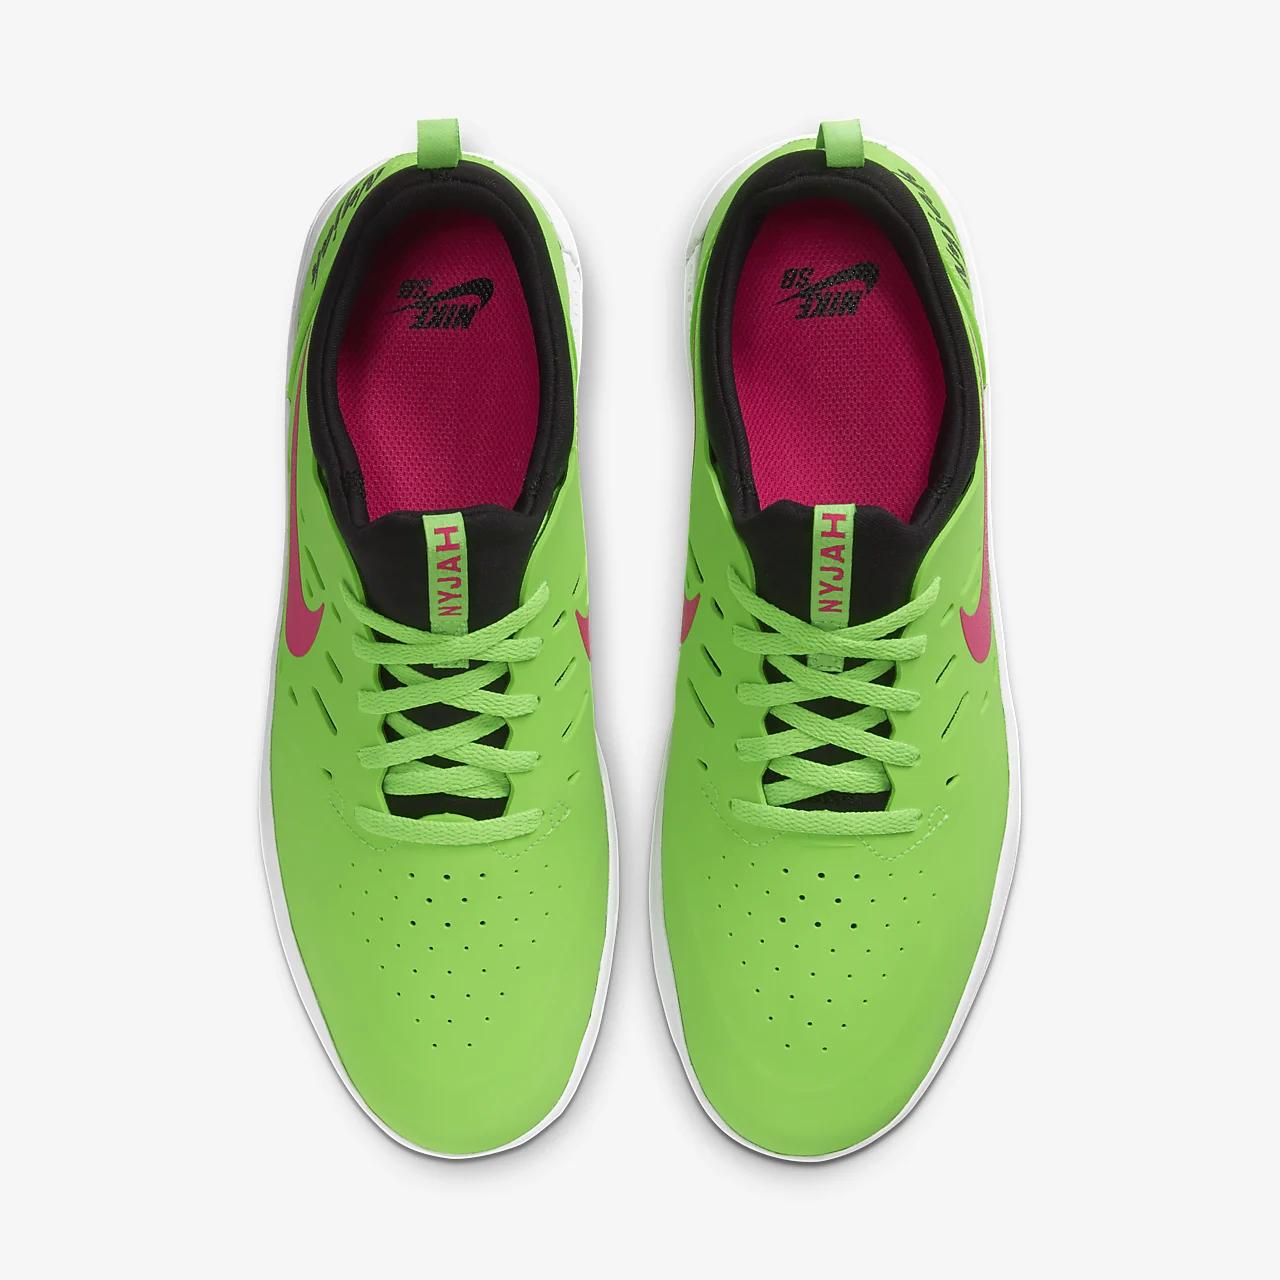 유럽직배송 나이키 NIKE Nike SB Nyjah Free Skate Shoe AA4272-301